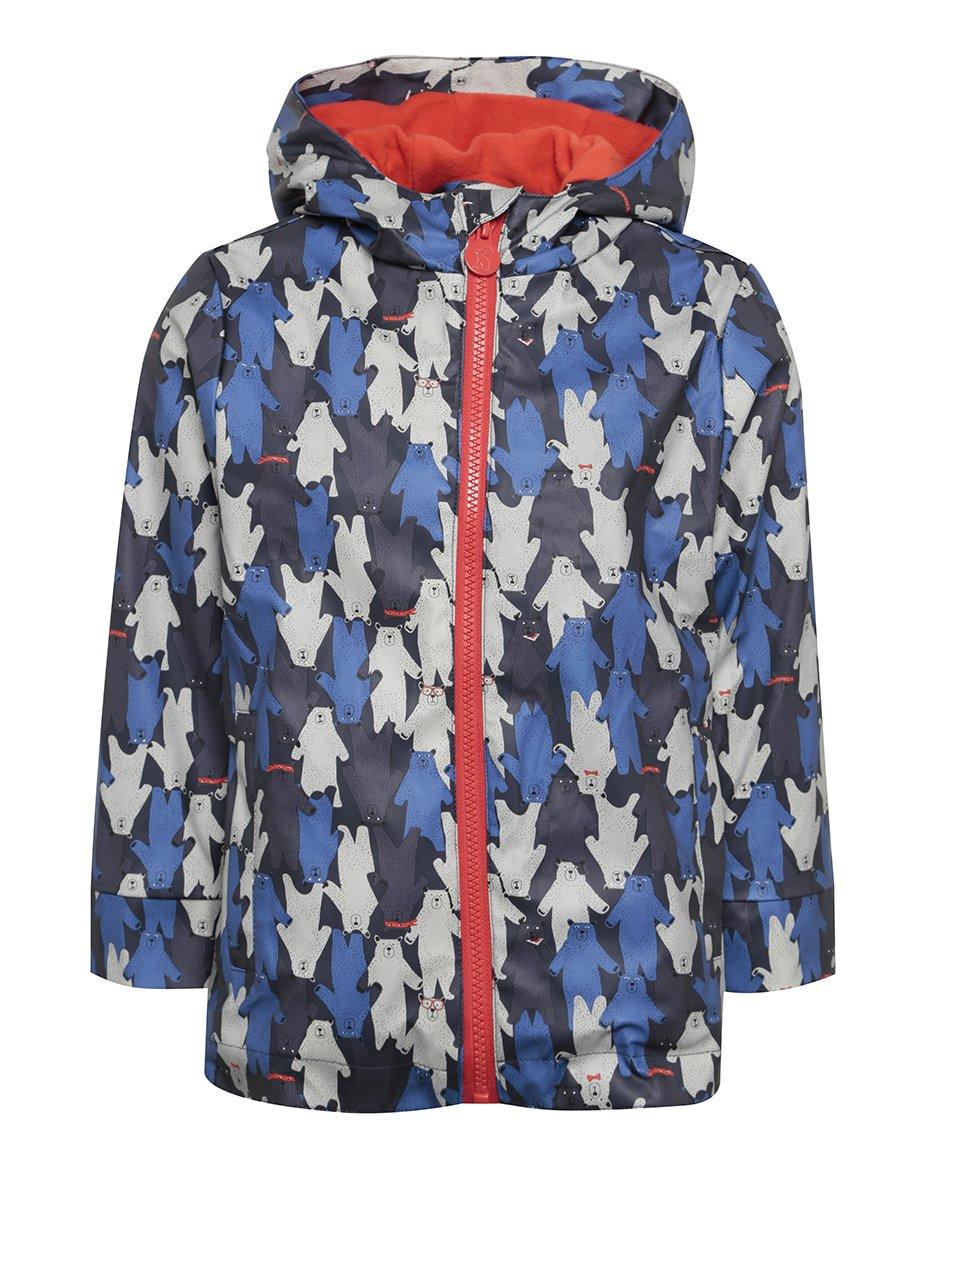 Modrá dětská voděodolná bunda s motivem medvědů Tom Joule